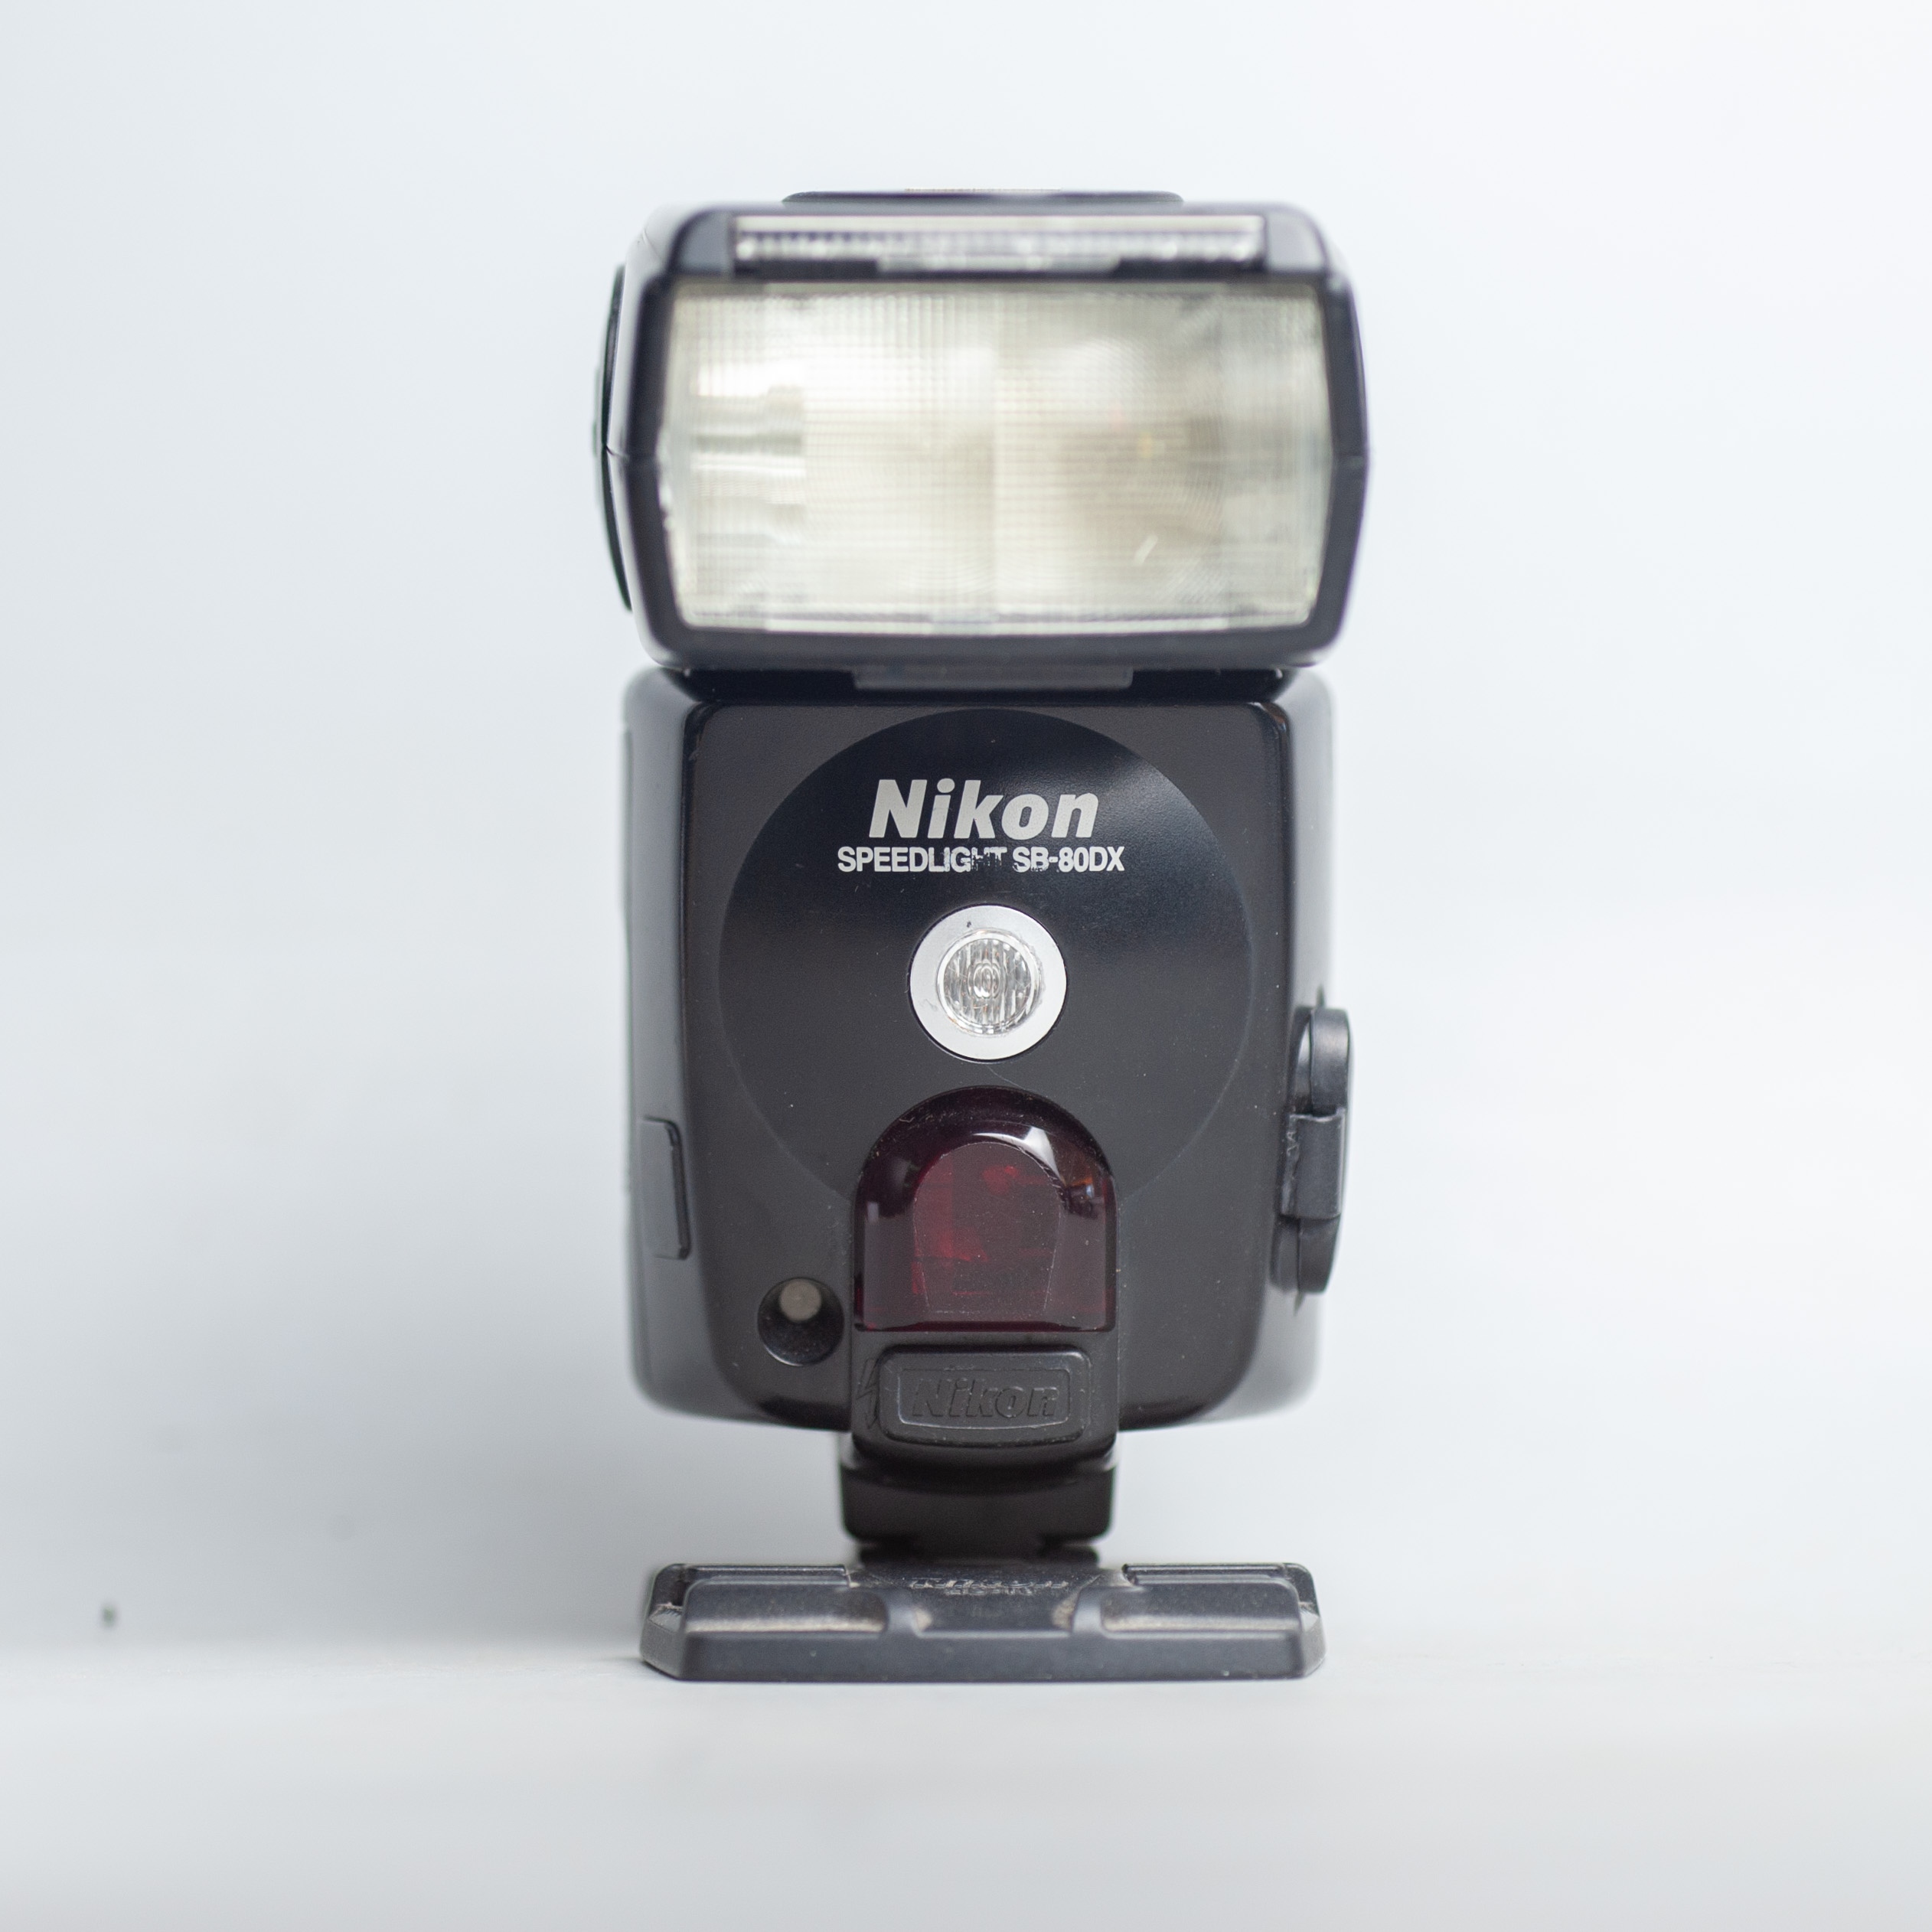 nikon-speedlight-sb-80dx-flash-sb80-15434